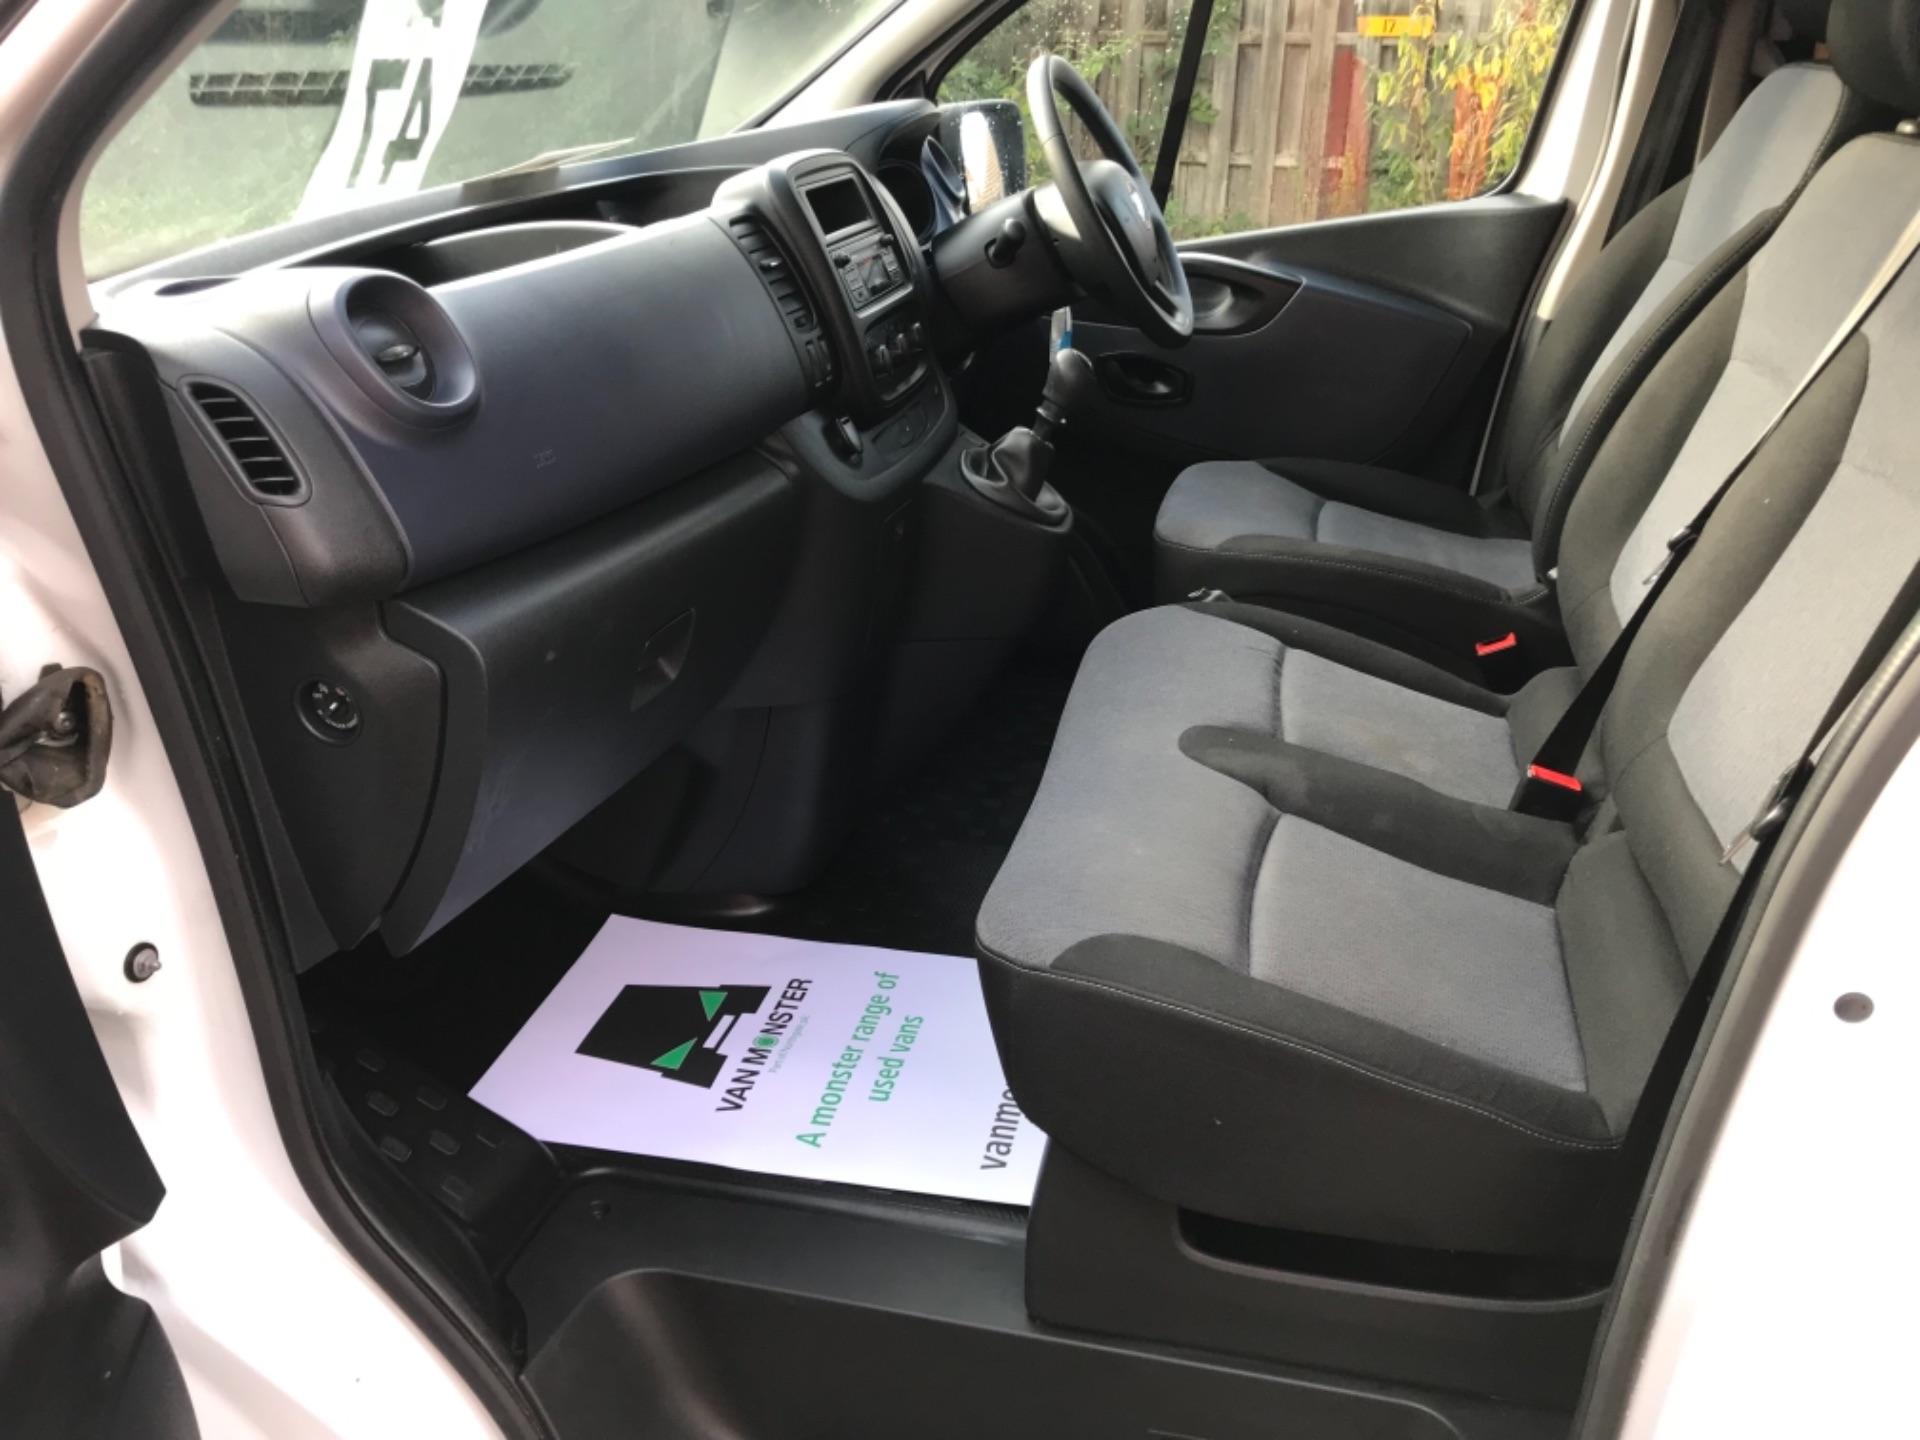 2017 Vauxhall Vivaro 2900 1.6Cdti Biturbo 125Ps H1 Combi 9 Seat EURO 6  (DY17USB) Image 20